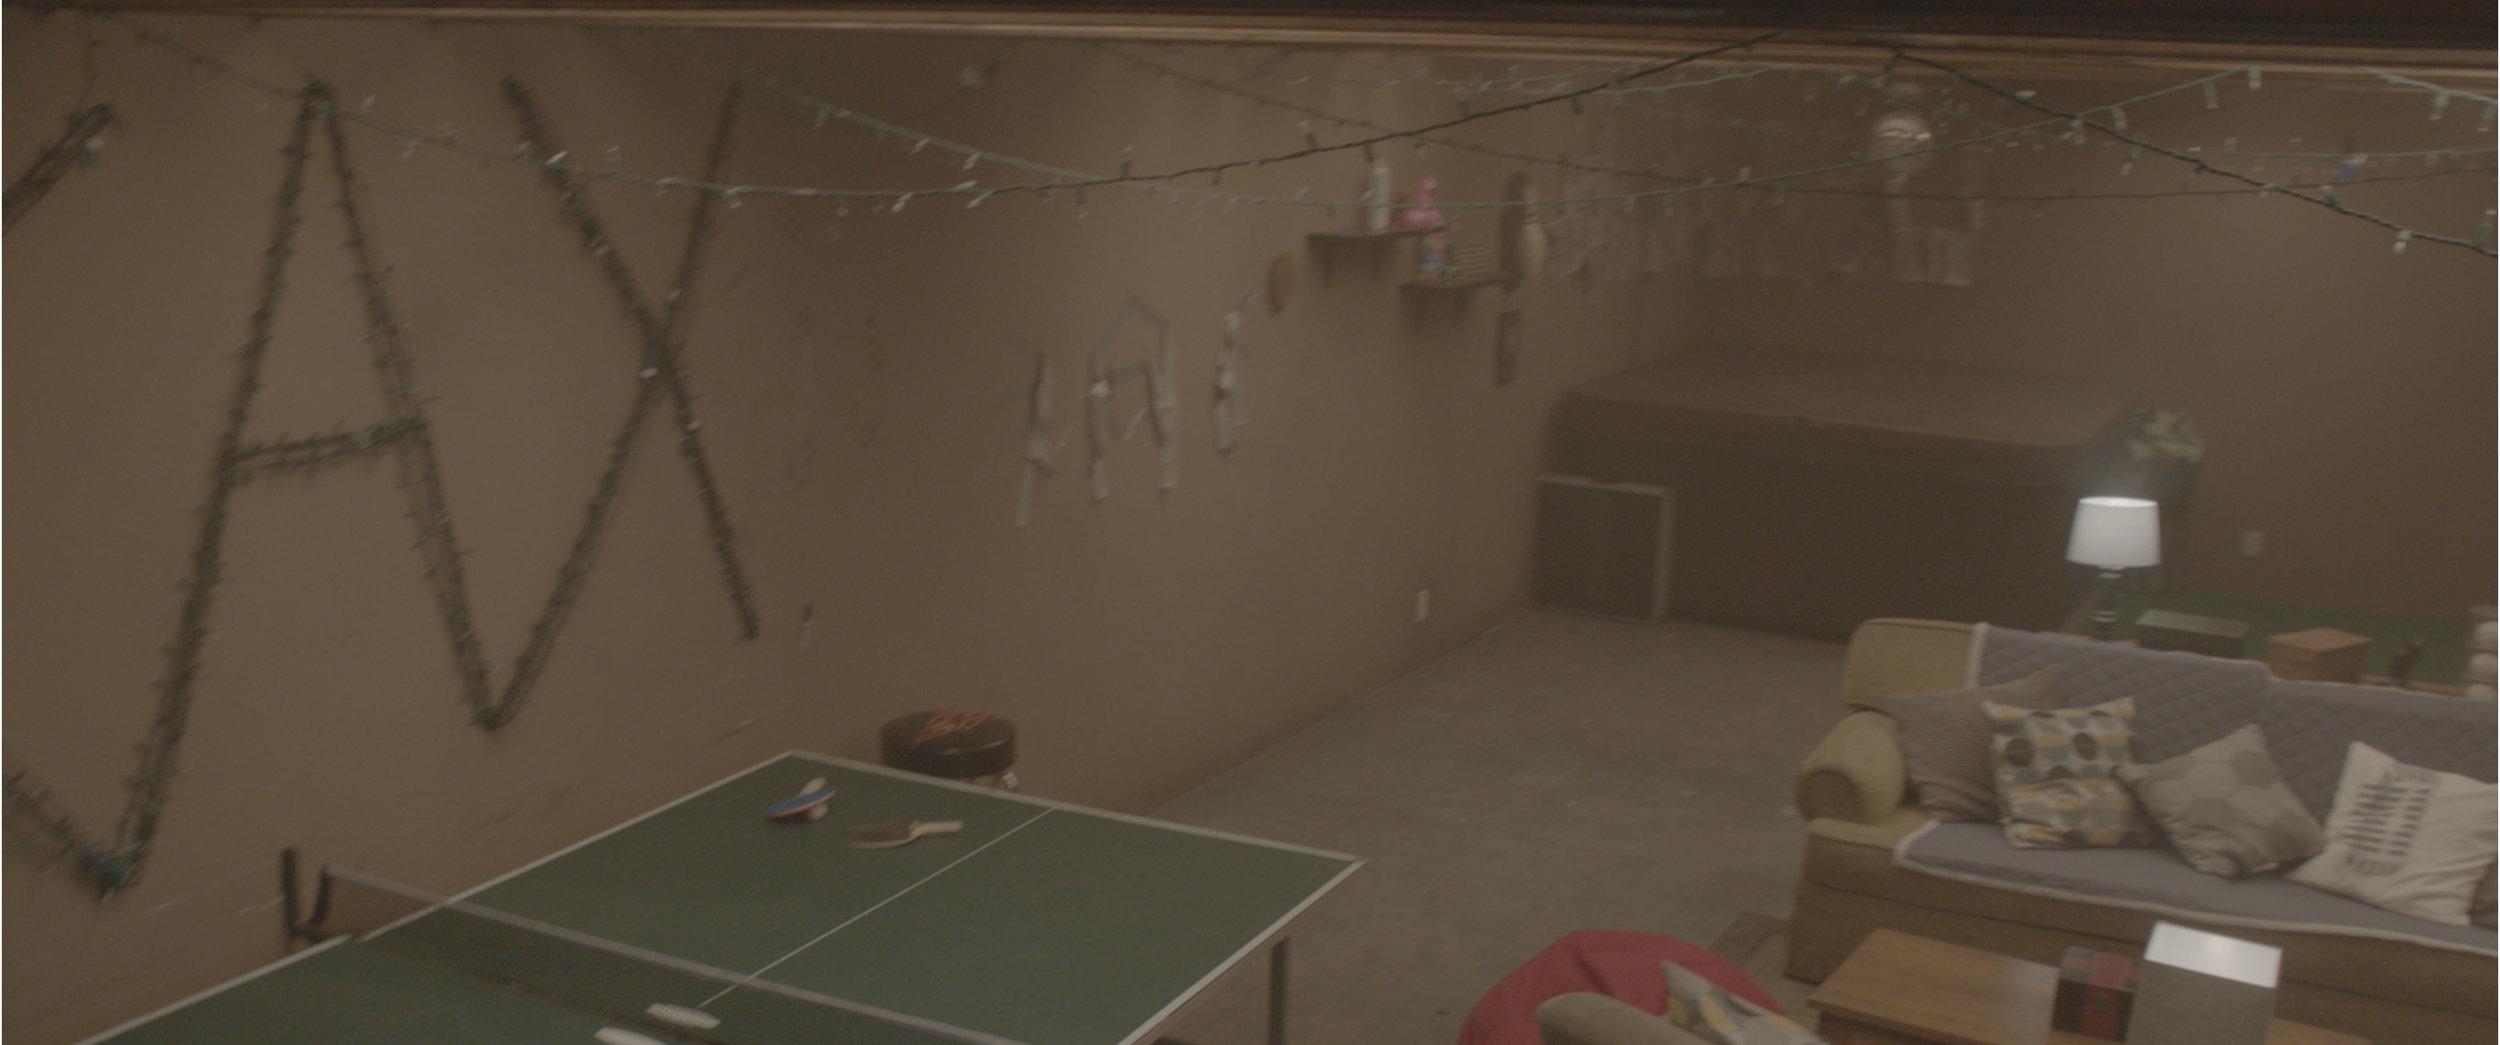 WTM_VFX_Breakdown_Lighting Before.jpg